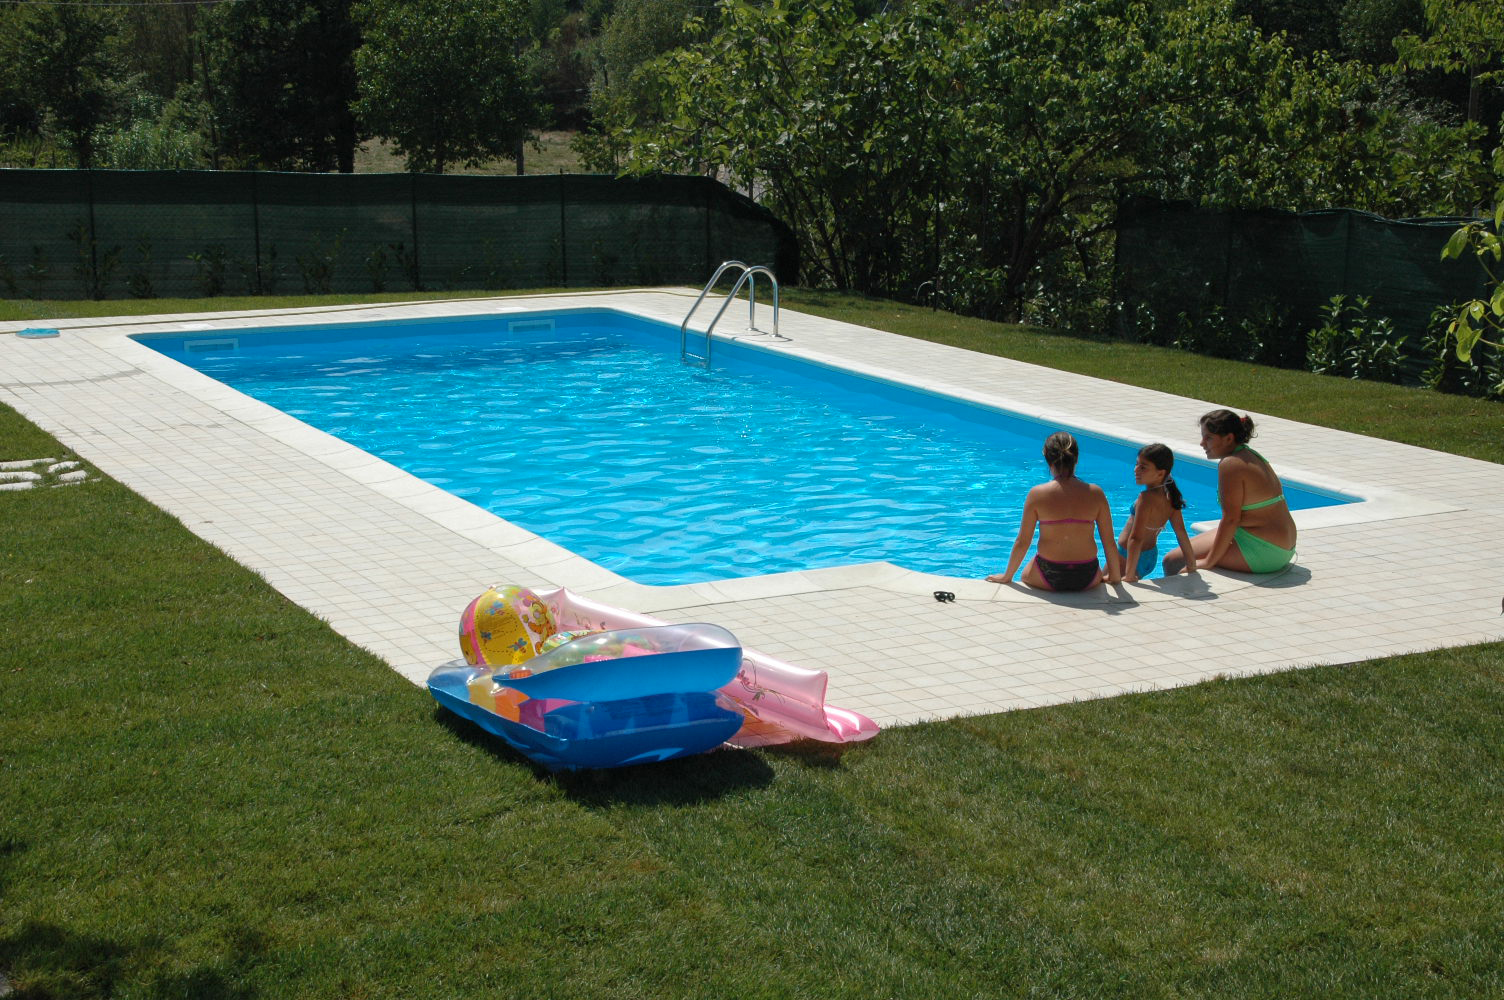 Hai una piscina a prova di bambino retepiscine - Blog piscine interrate ...